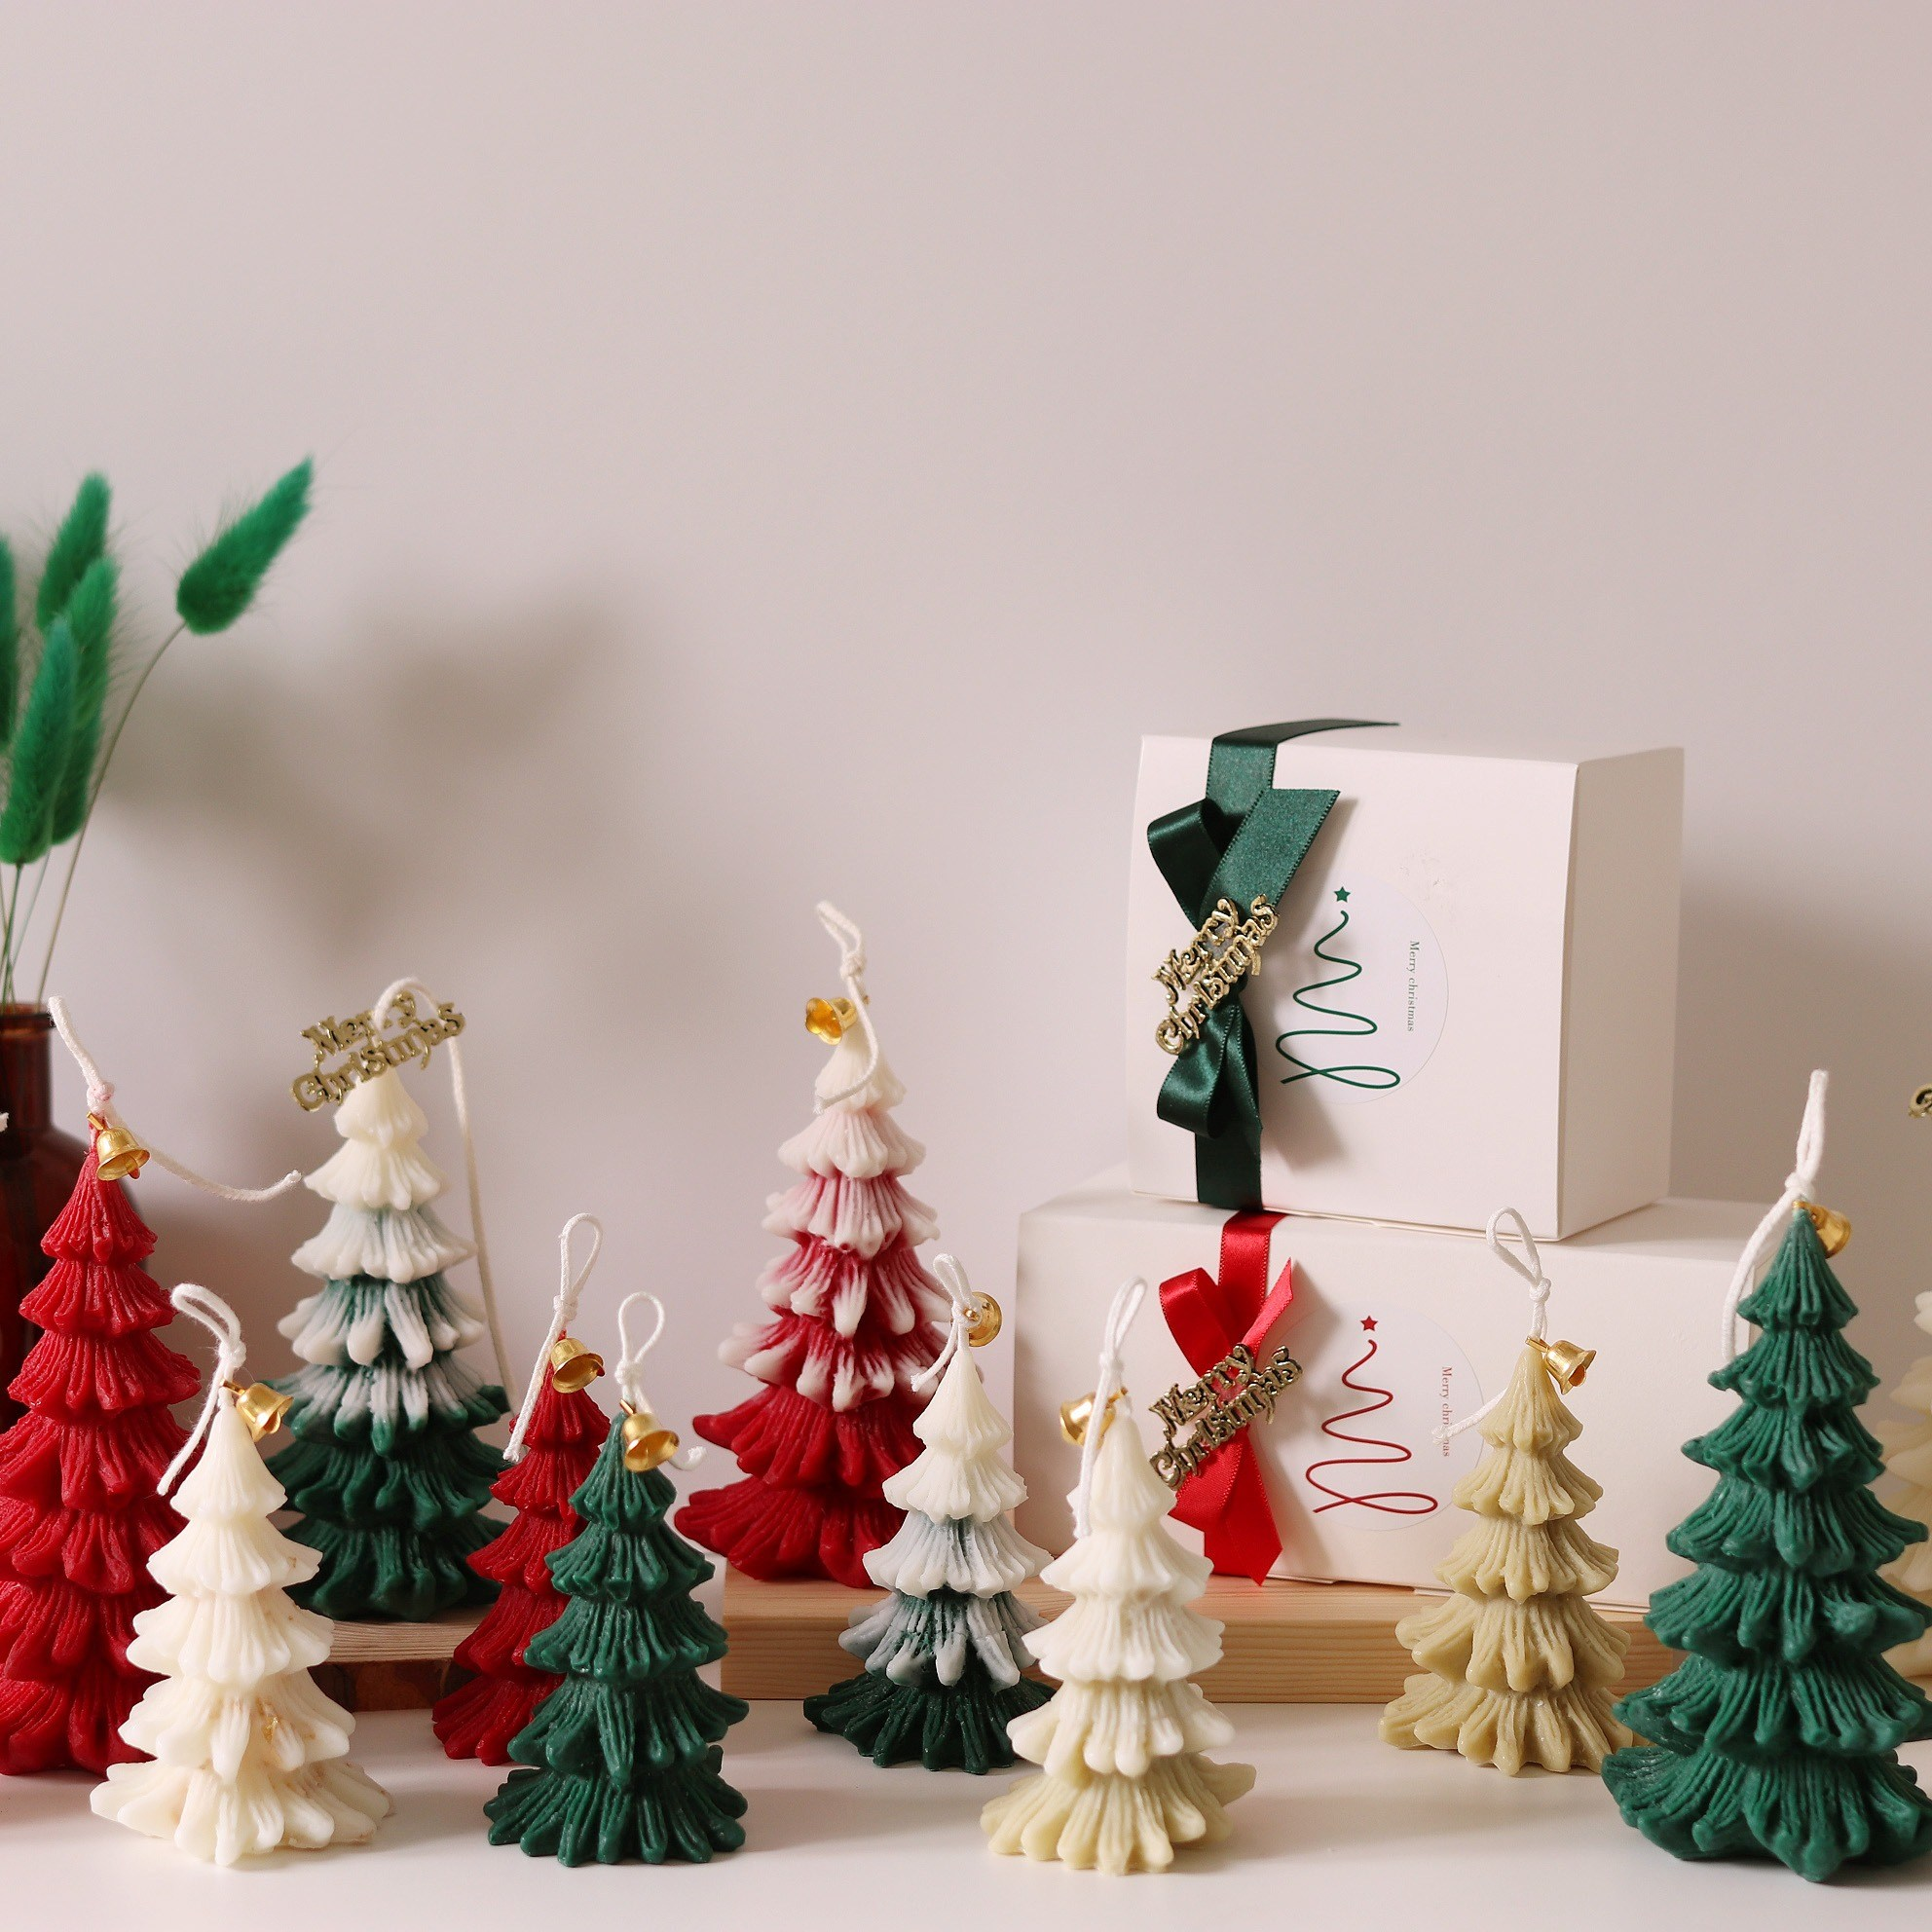 """[플로꽁] 크리스마스 트리캔들 <7단트리></noscript> 캔들, 샹스"""" /></noscript          ></a> </p> <p> <span class="""